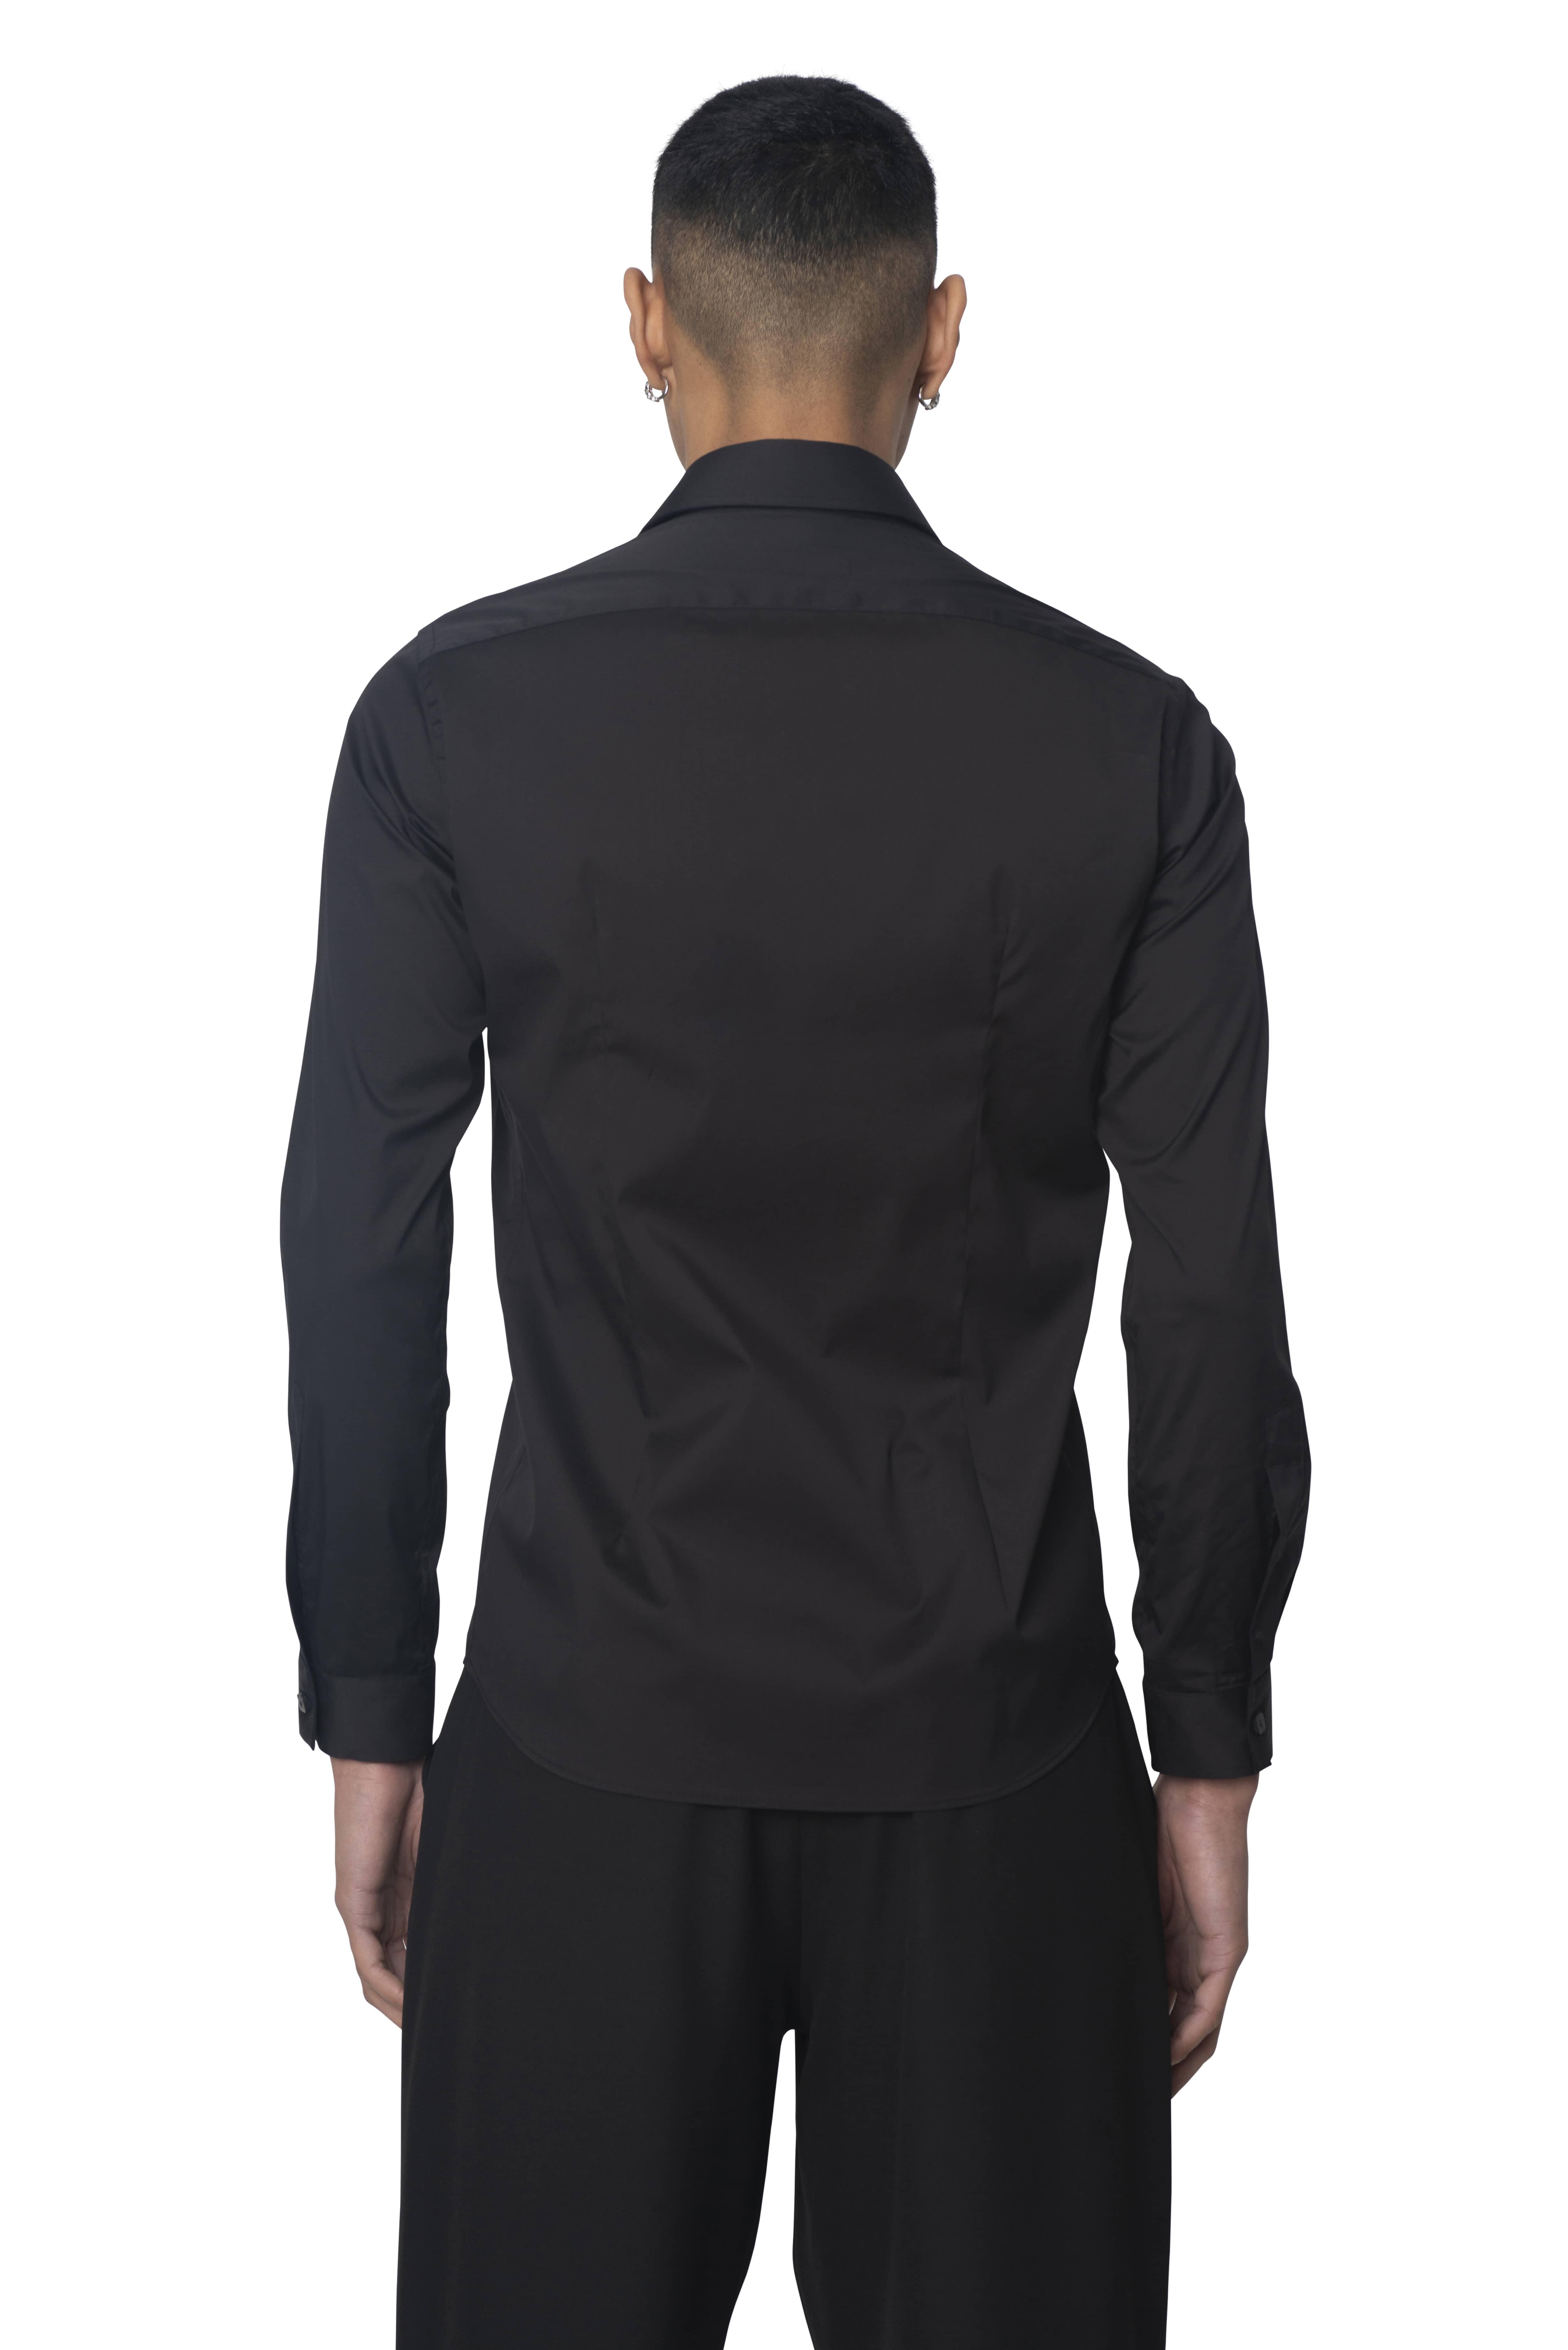 Shirt CACHALOTE I 2